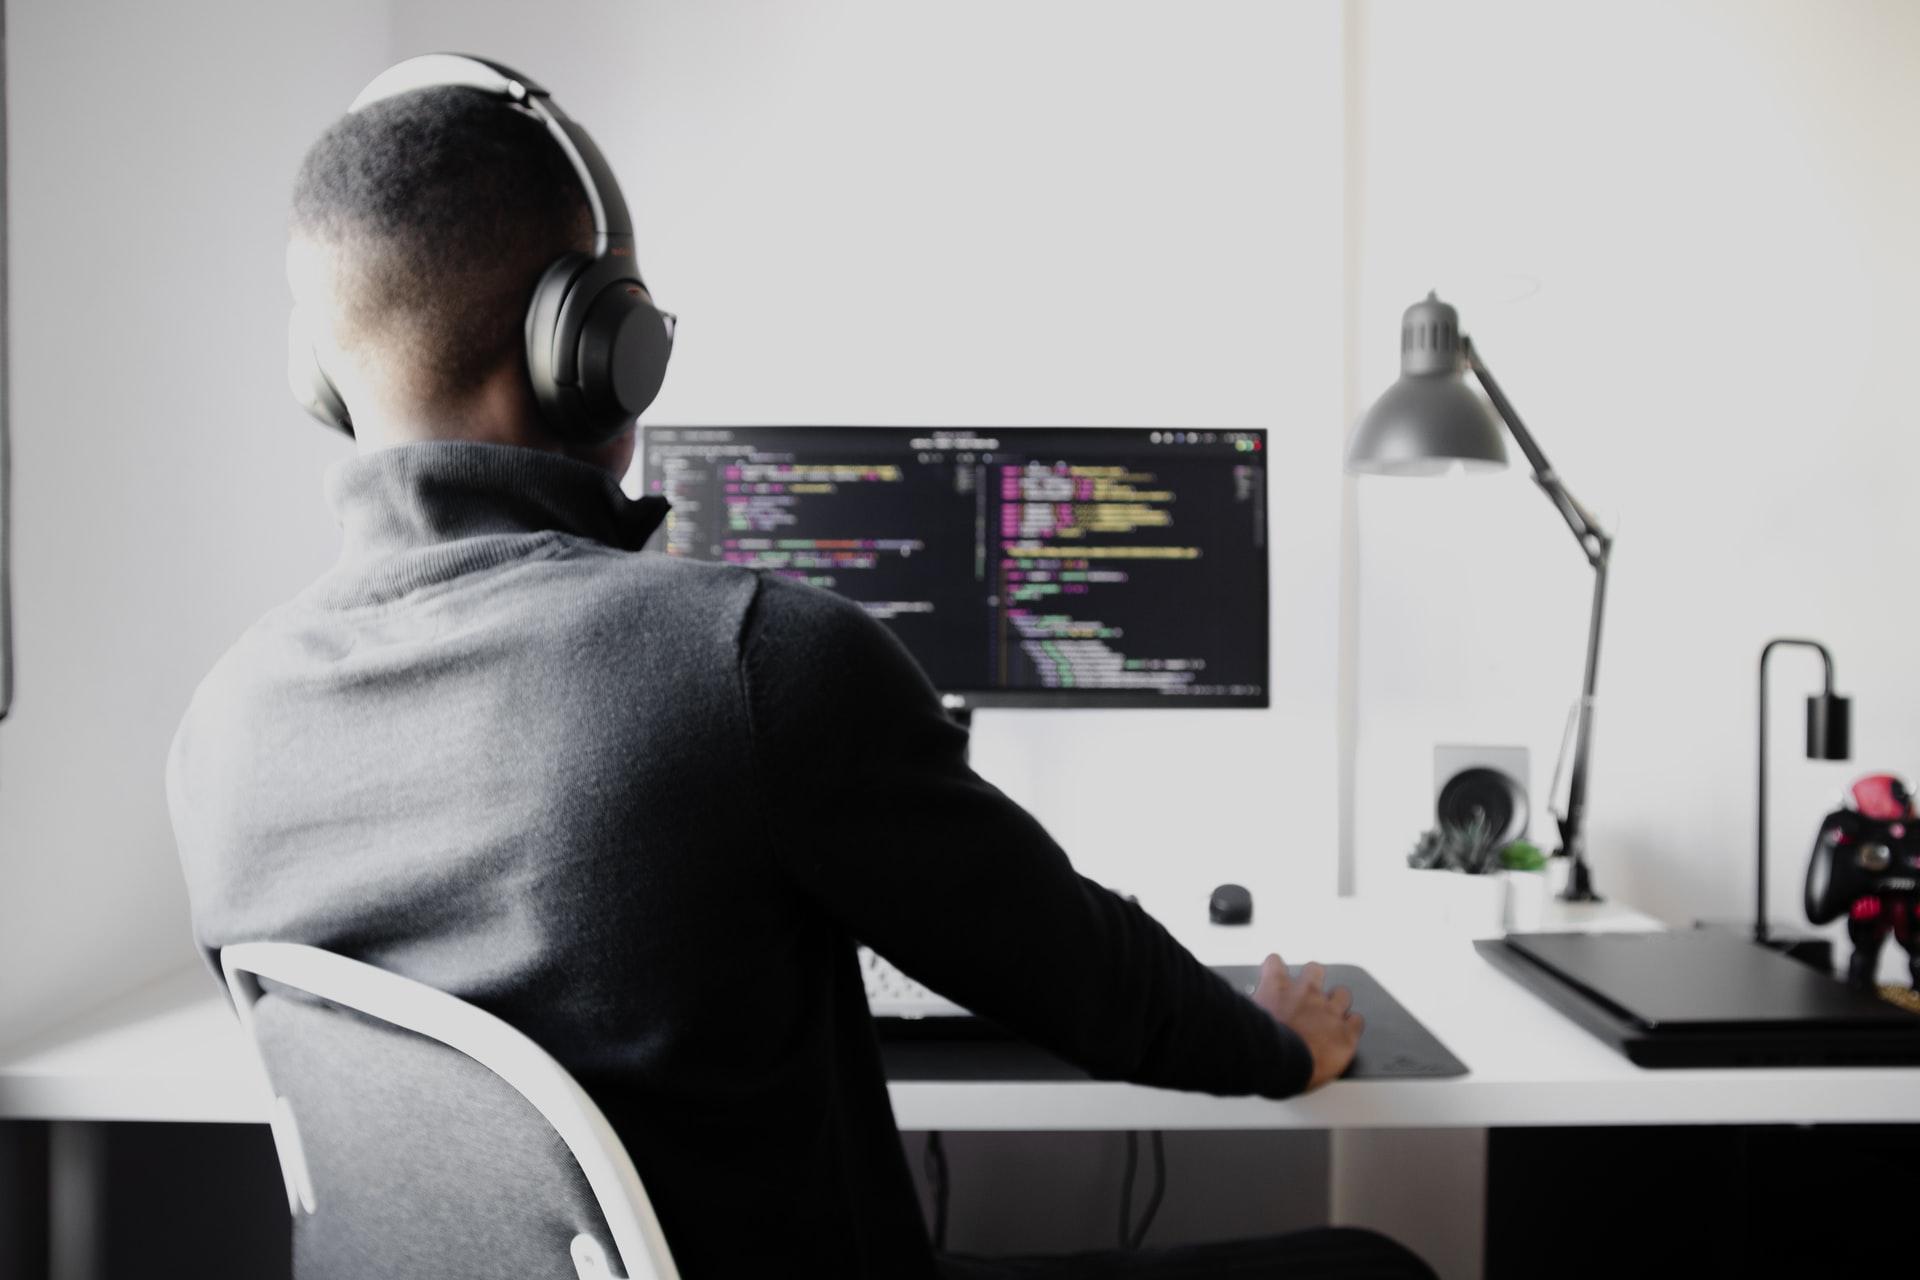 https://f.hubspotusercontent20.net/hubfs/5241322/bilder/blogg/teknologi-rekruttering/rekruttering-utviklere.jpg